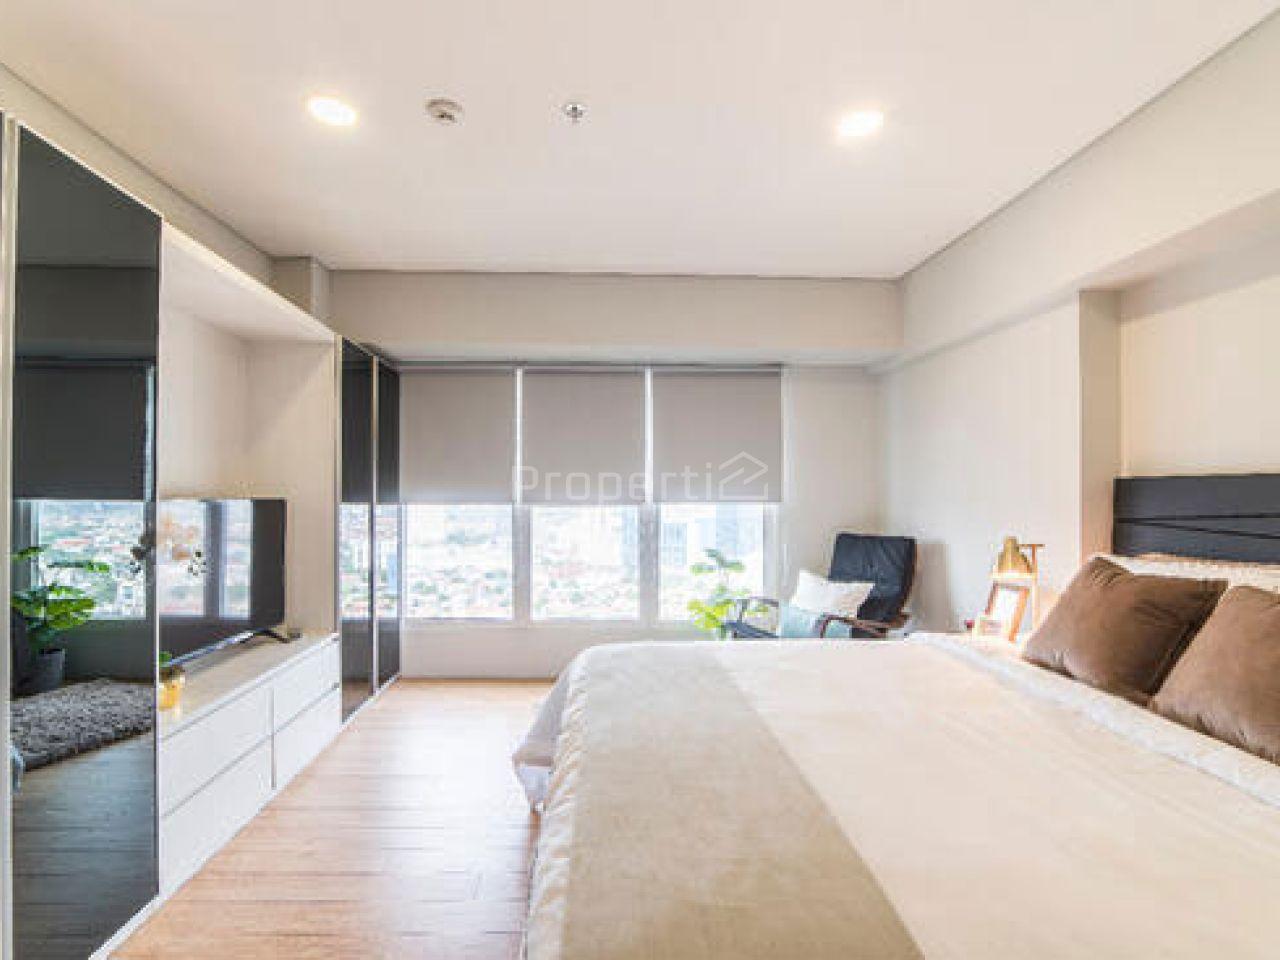 Unit Apartemen 2BR di MAQNA Residence, Lantai 20, Jakarta Barat